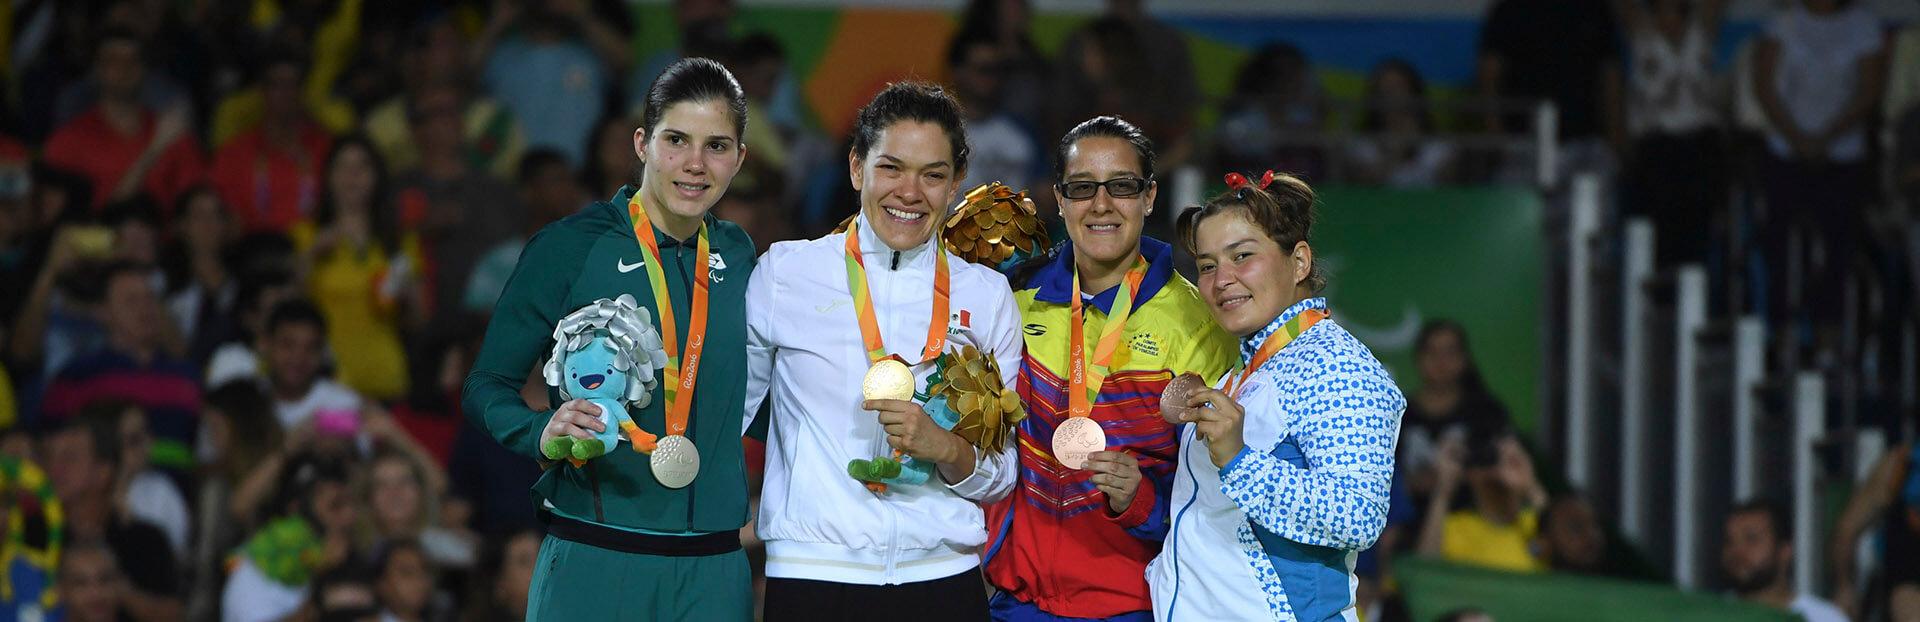 Brasil fica com medalha de prata no judô na Paralimpíada Rio